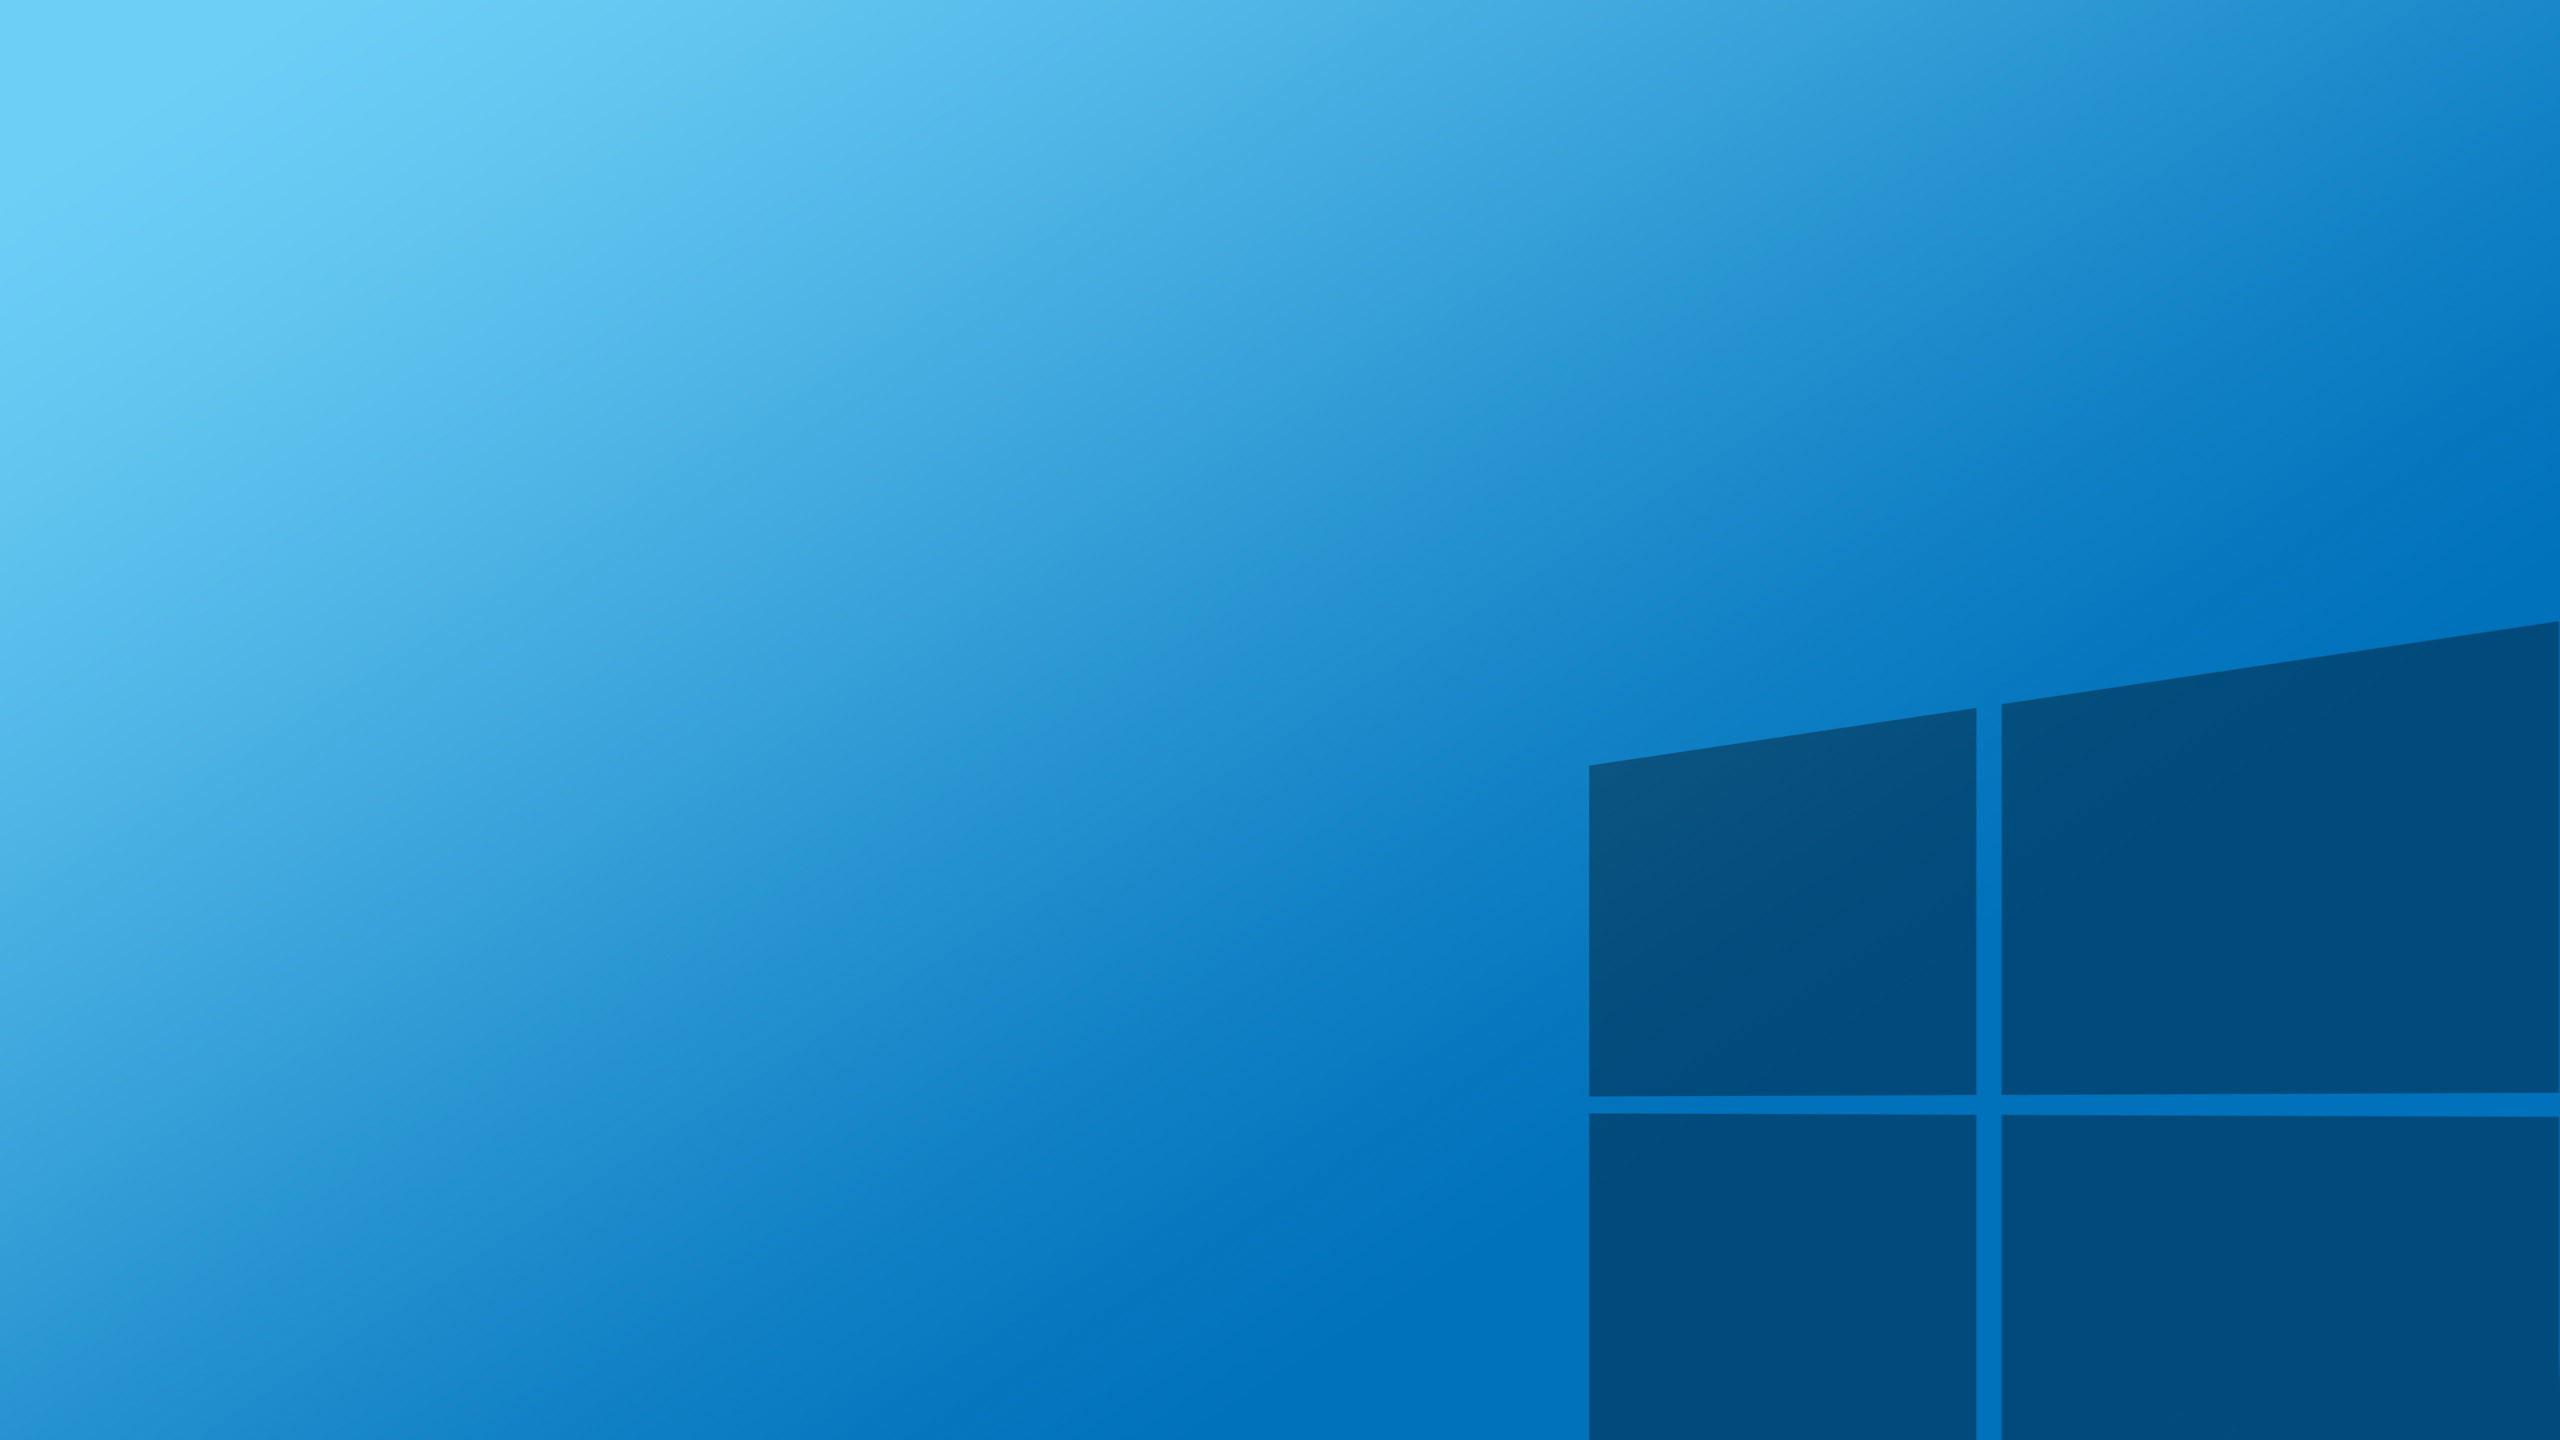 windows 10 wallpapers HD #164   HD Wallpaper – HDWallpapere.com